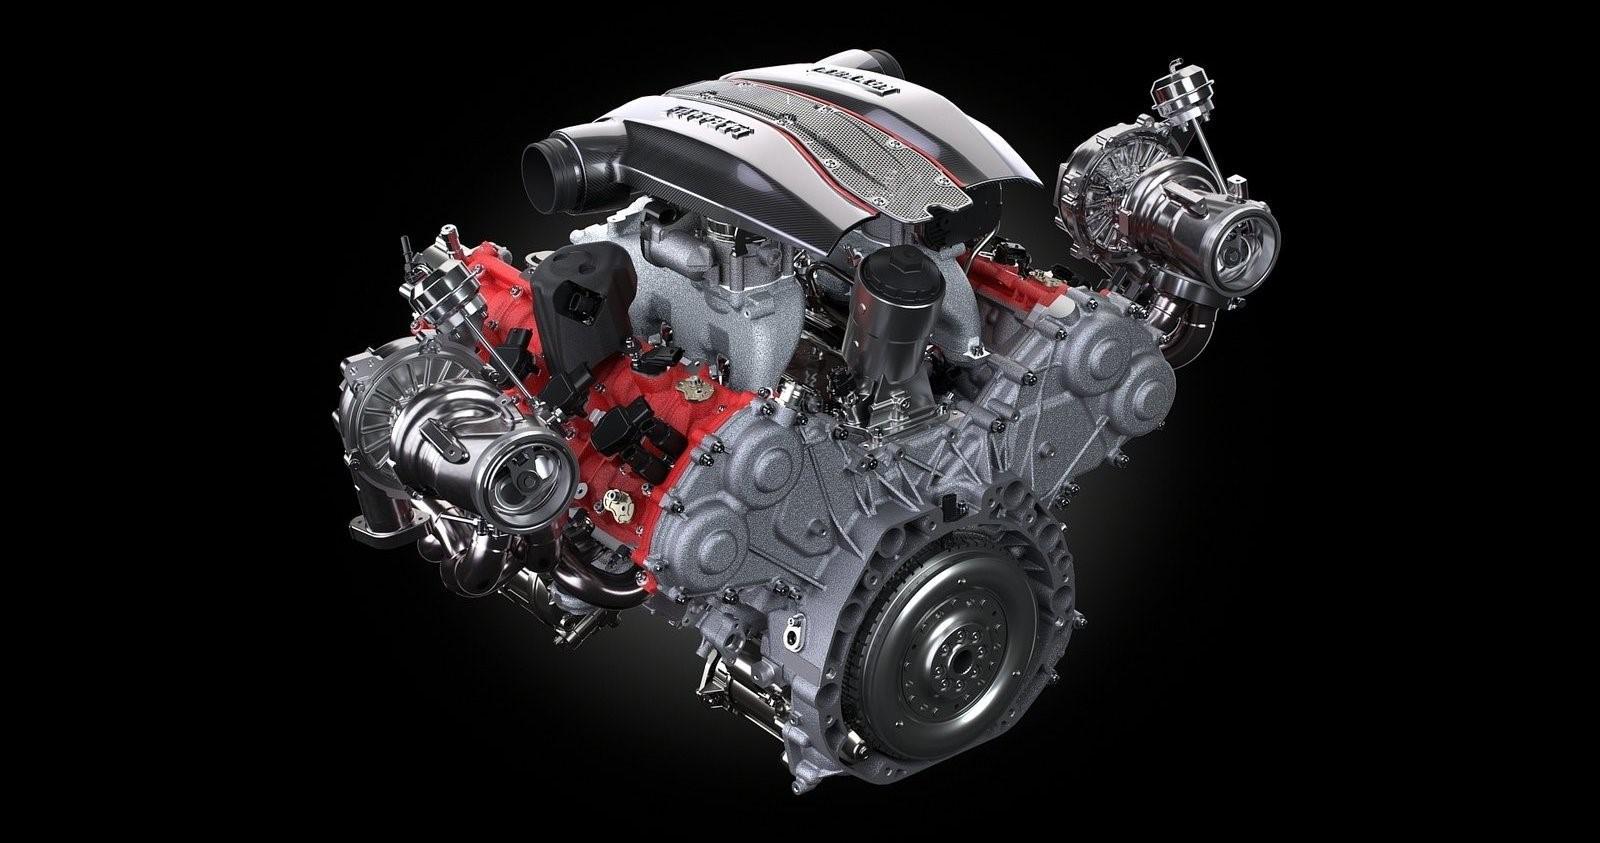 le-bloc-v8-ferrari-de-nouveau-elu-moteur-de-l-annee-812-2.jpg